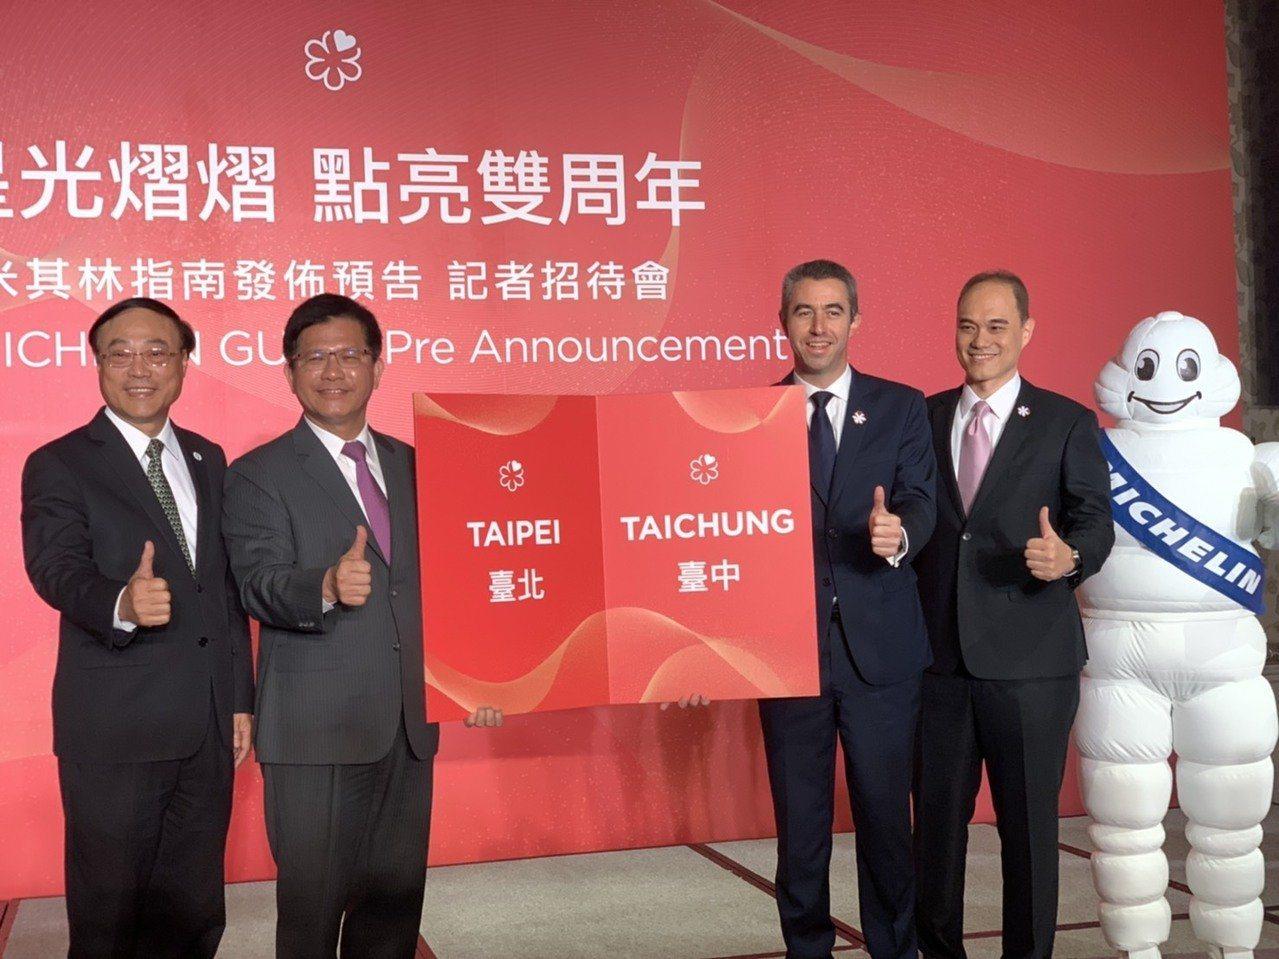 米其林指南即將結合台北、台中推出「「米其林指南台北.台中」。記者張芳瑜/攝影